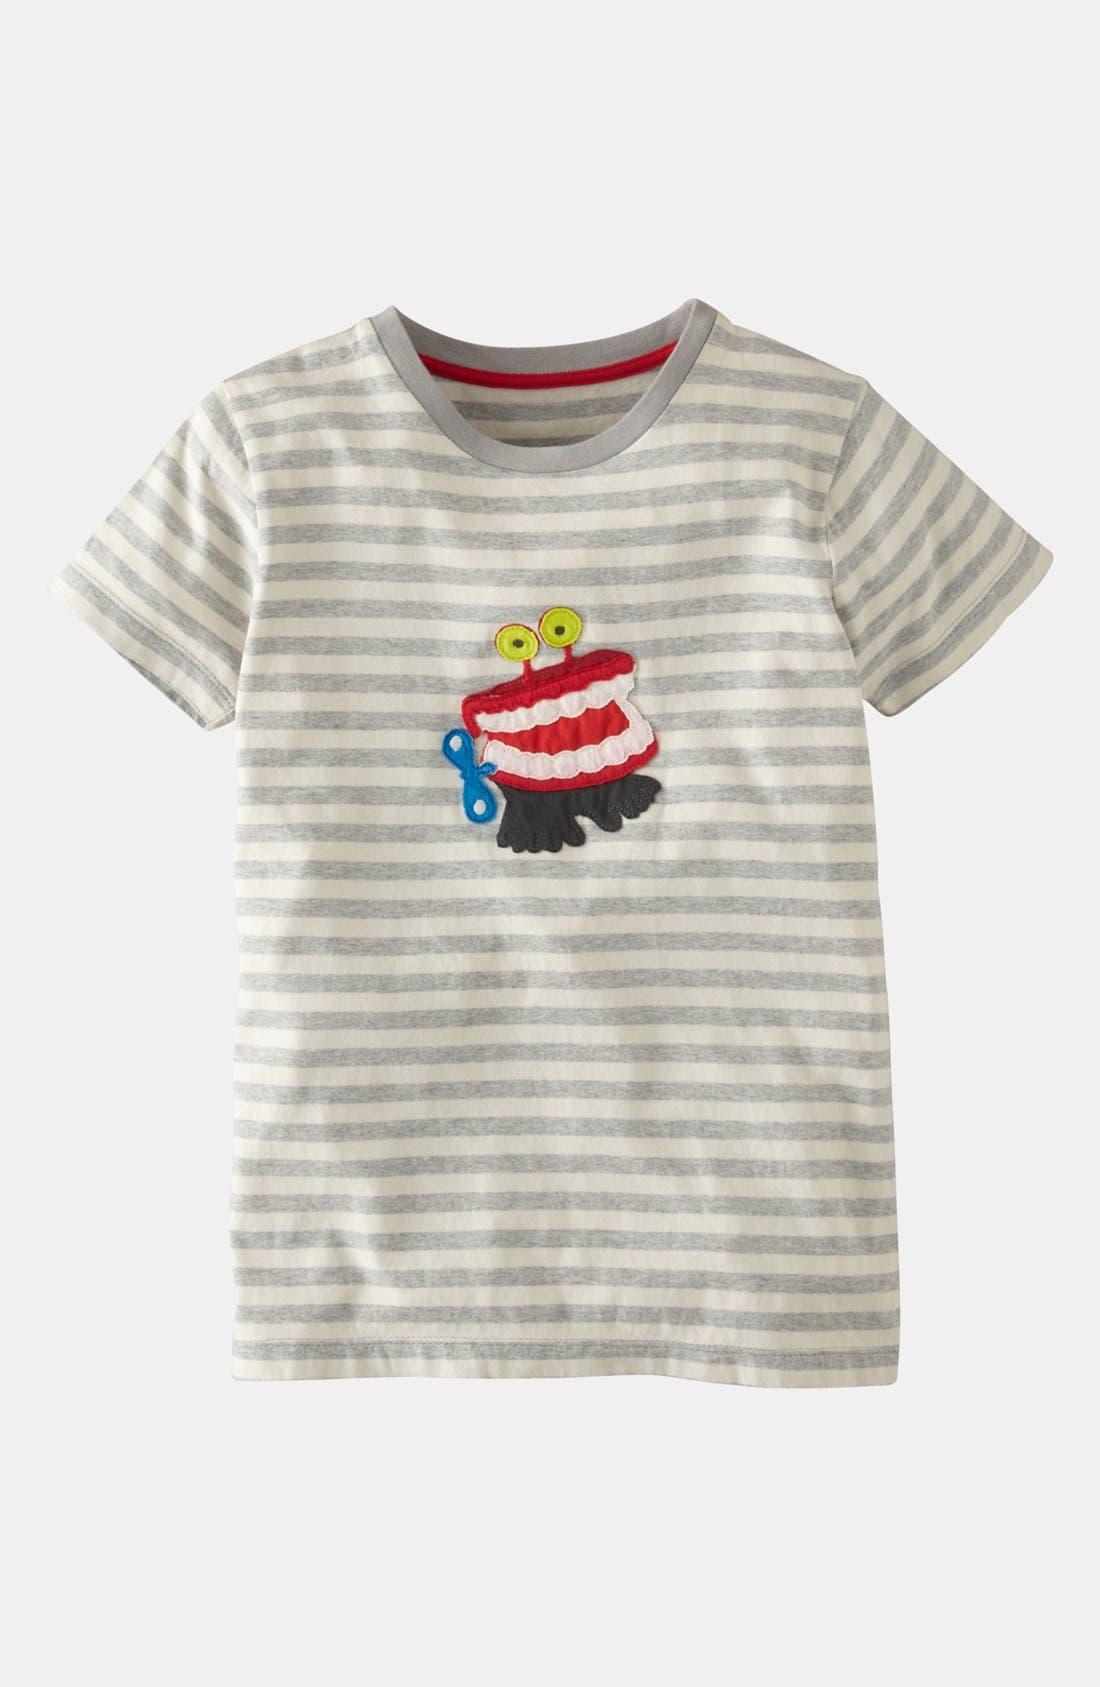 Alternate Image 1 Selected - Mini Boden 'Joke' T-Shirt (Toddler, Little Boys & Big Boys)